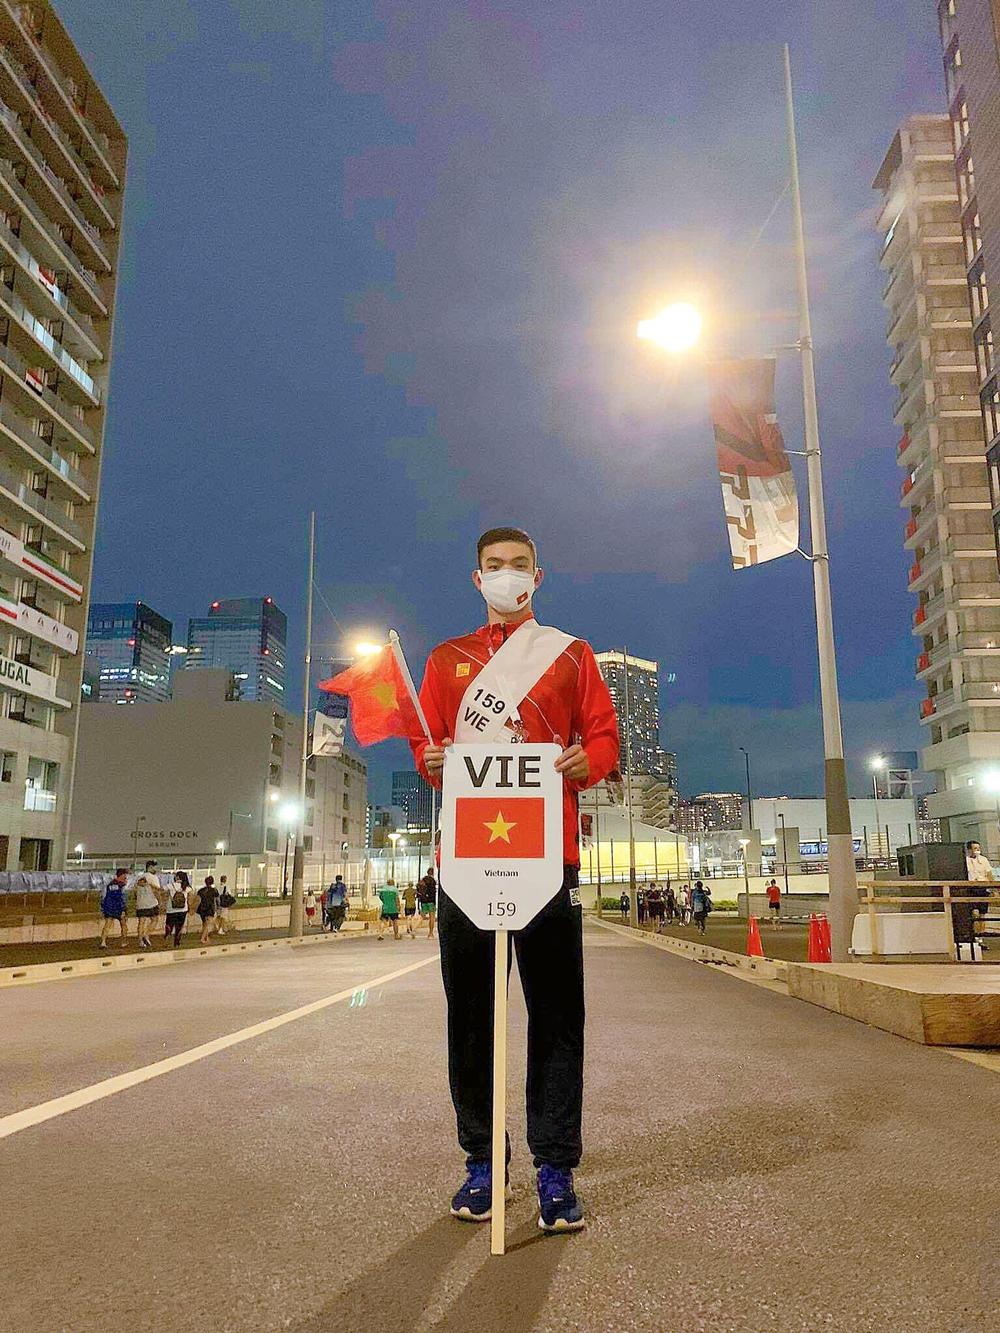 Kình ngư Huy Hoàng chia sẻ kỷ niệm khó quên ở Olympic Tokyo 2020 - Ảnh 4.